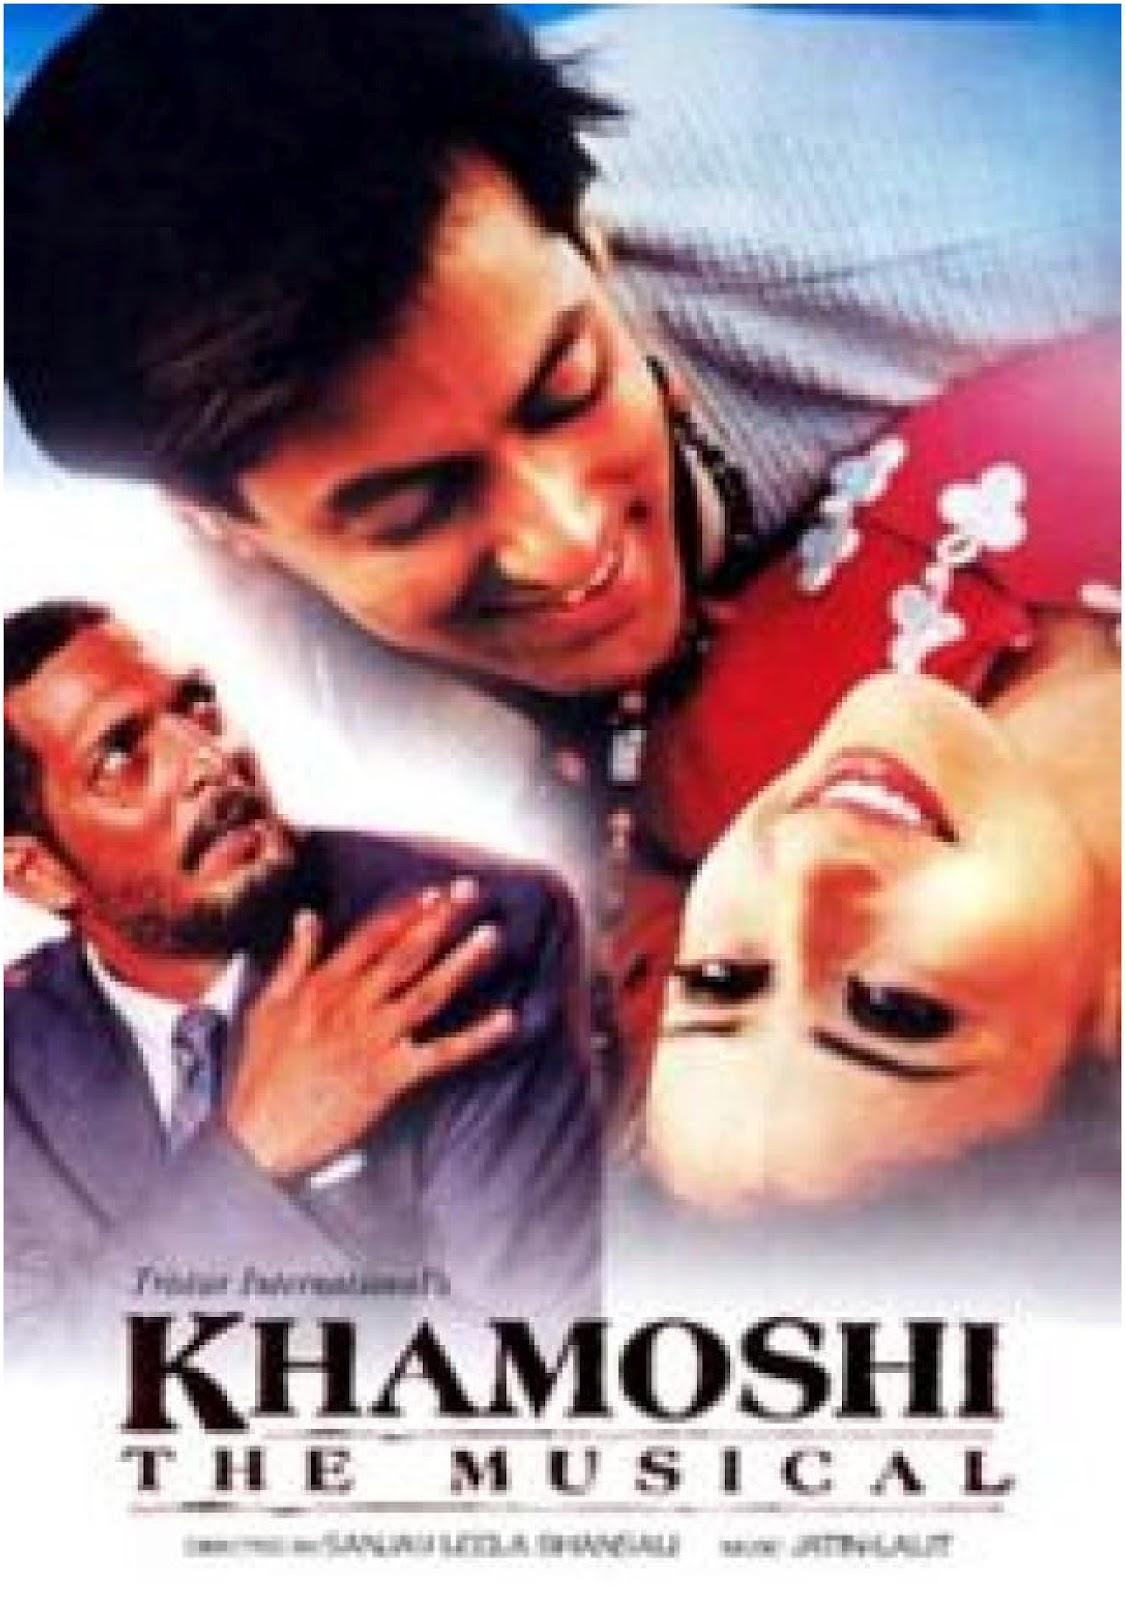 khamoshi bahon ke darmiyan lyrics khamoshi bahon ke darmiyan mp3    Khamoshi The Musical